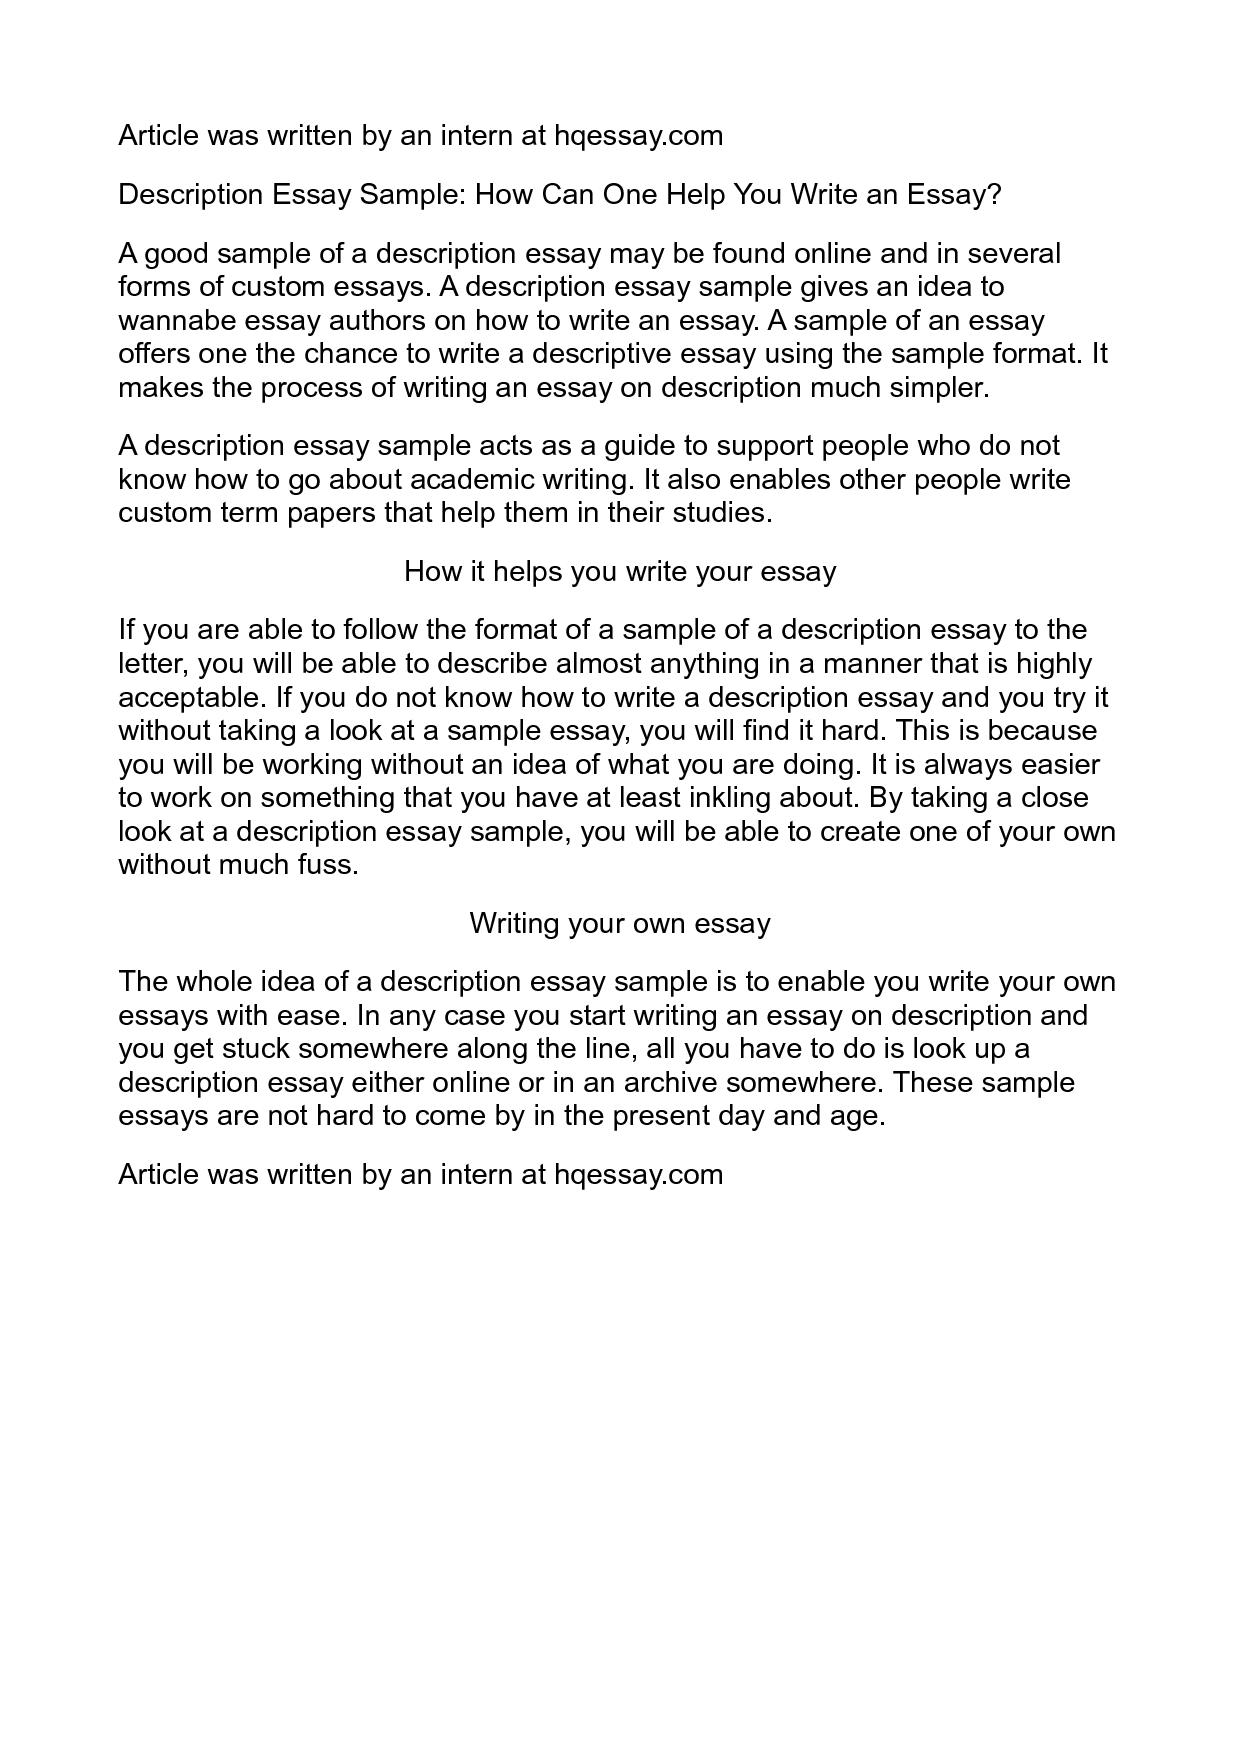 006 Essay Example Description Impressive Descriptive Topics College About A Pet Full